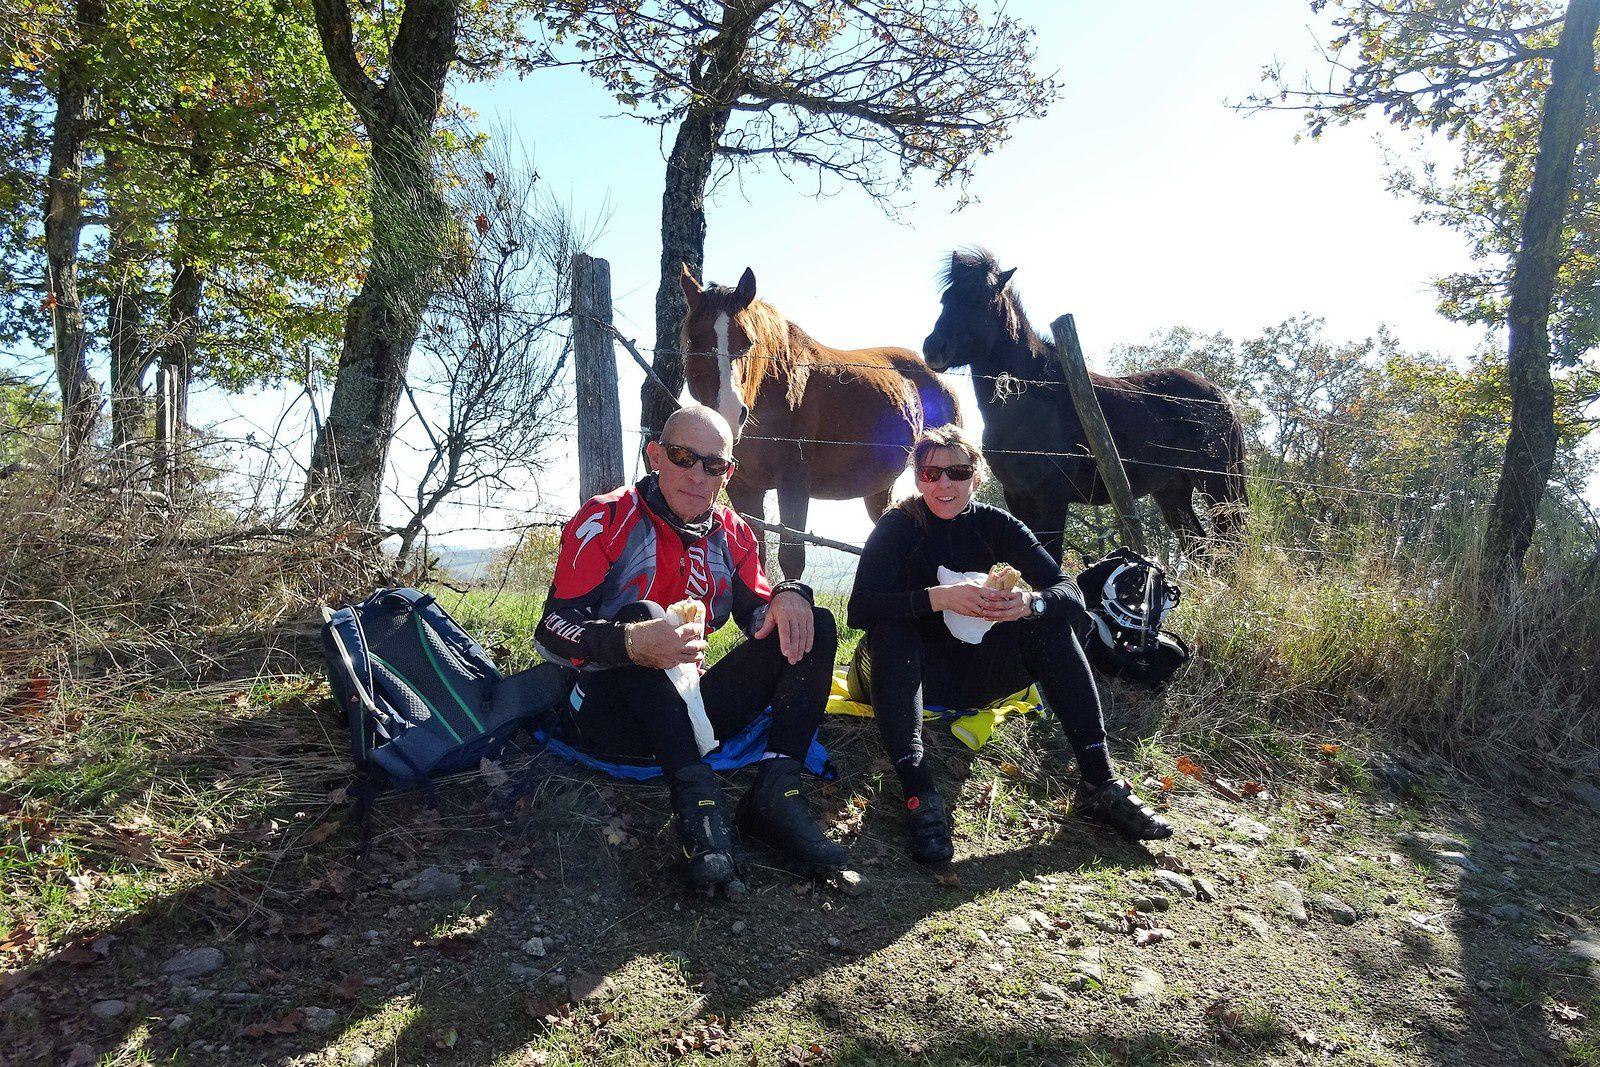 L'heure du casse-croûte a sonné, les chevaux sont curieux et s'approchent jusqu'à mettre le museau dans nos camels. Nous rentrons par les bois de Monichard.